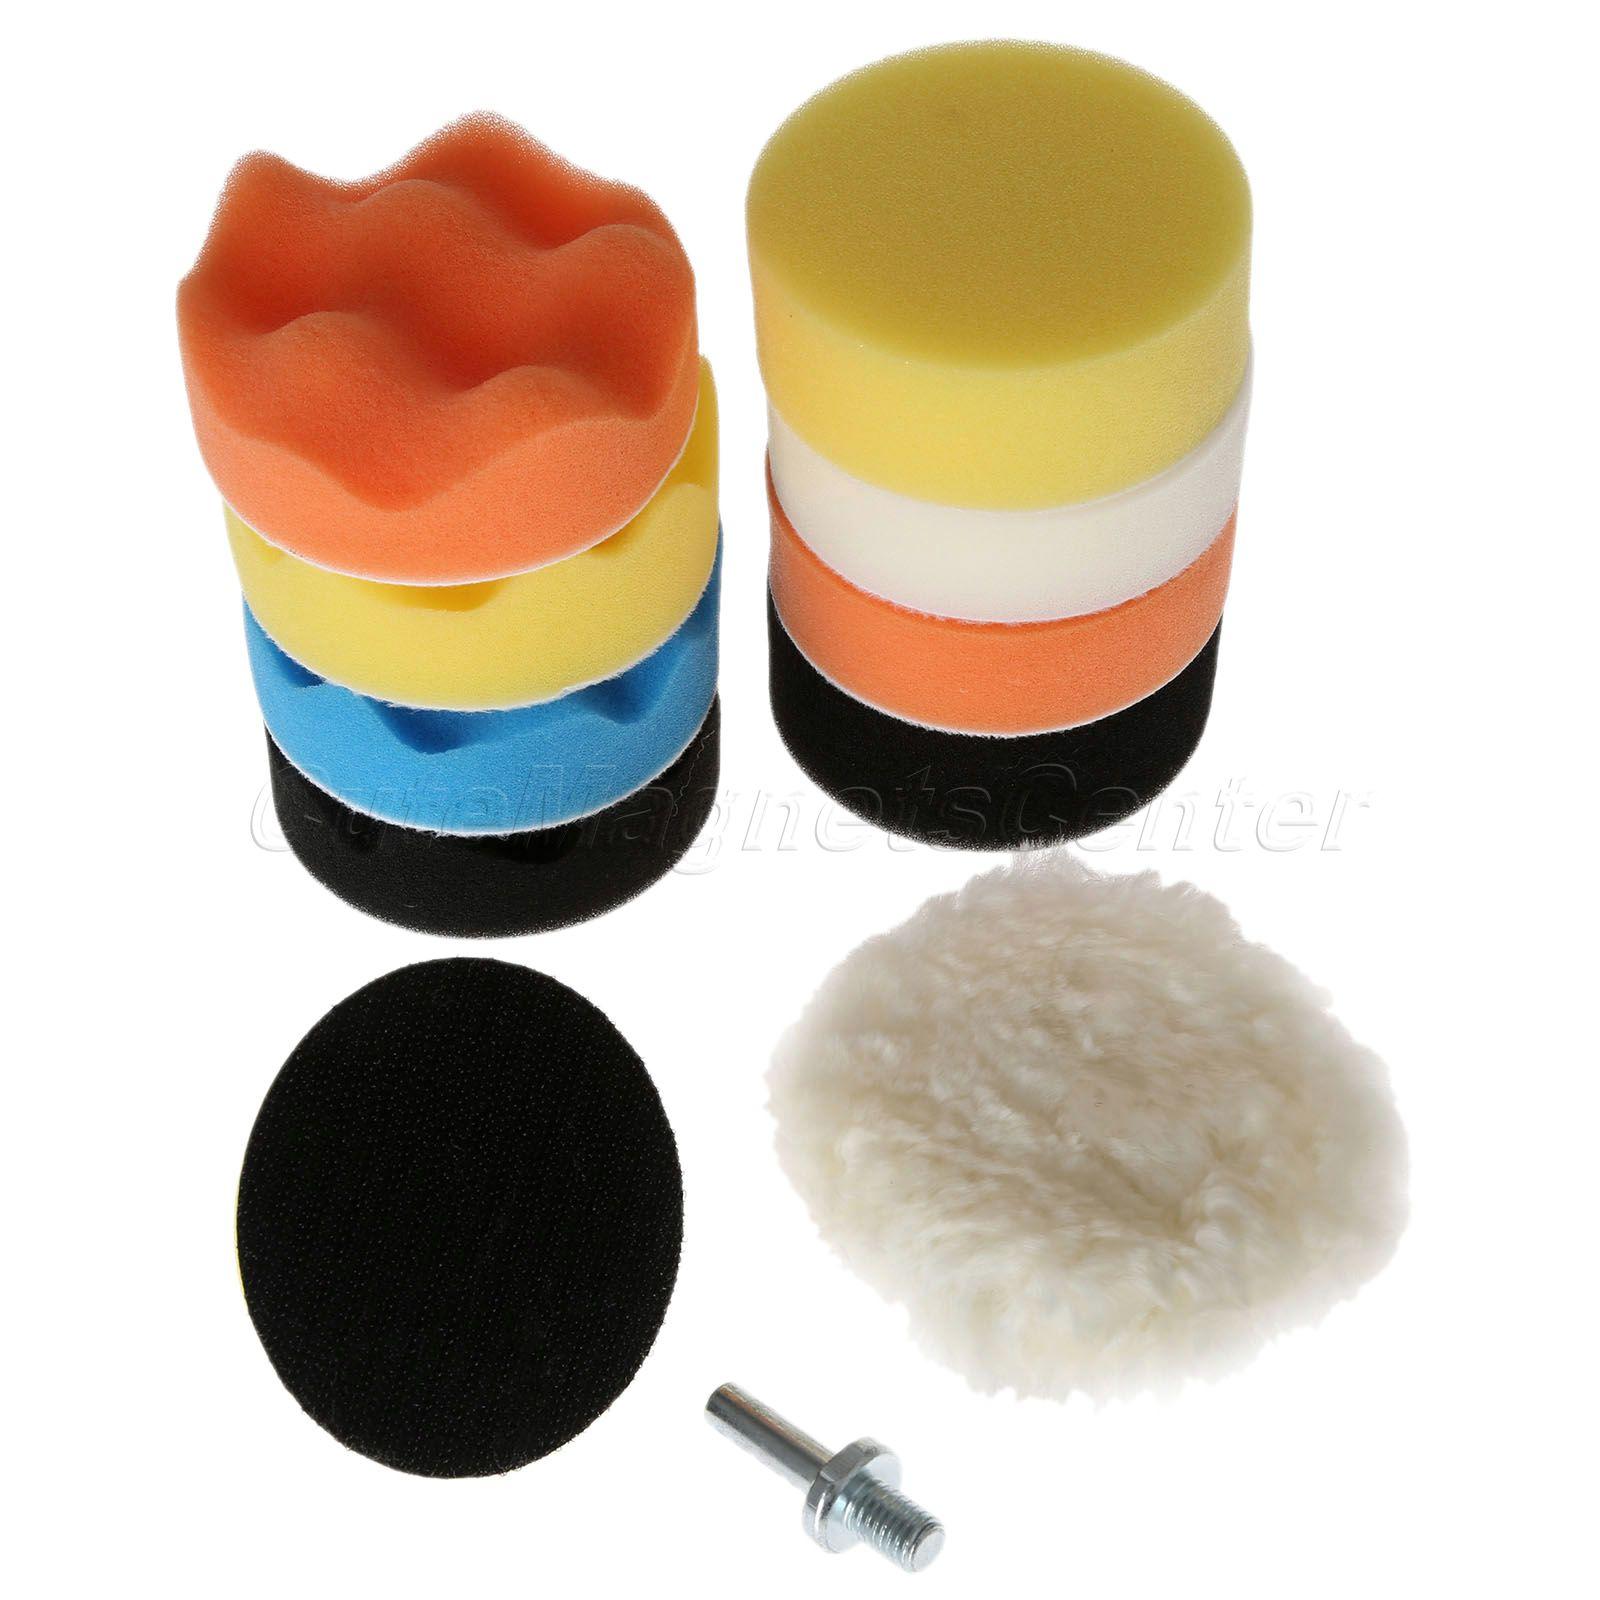 11Pcs 3M10 M14 Waffle Buffer Polishing Pad Set For Car Polisher Automobile Cleaning Detailing Vehicle Wash Polish Sponge Wheel